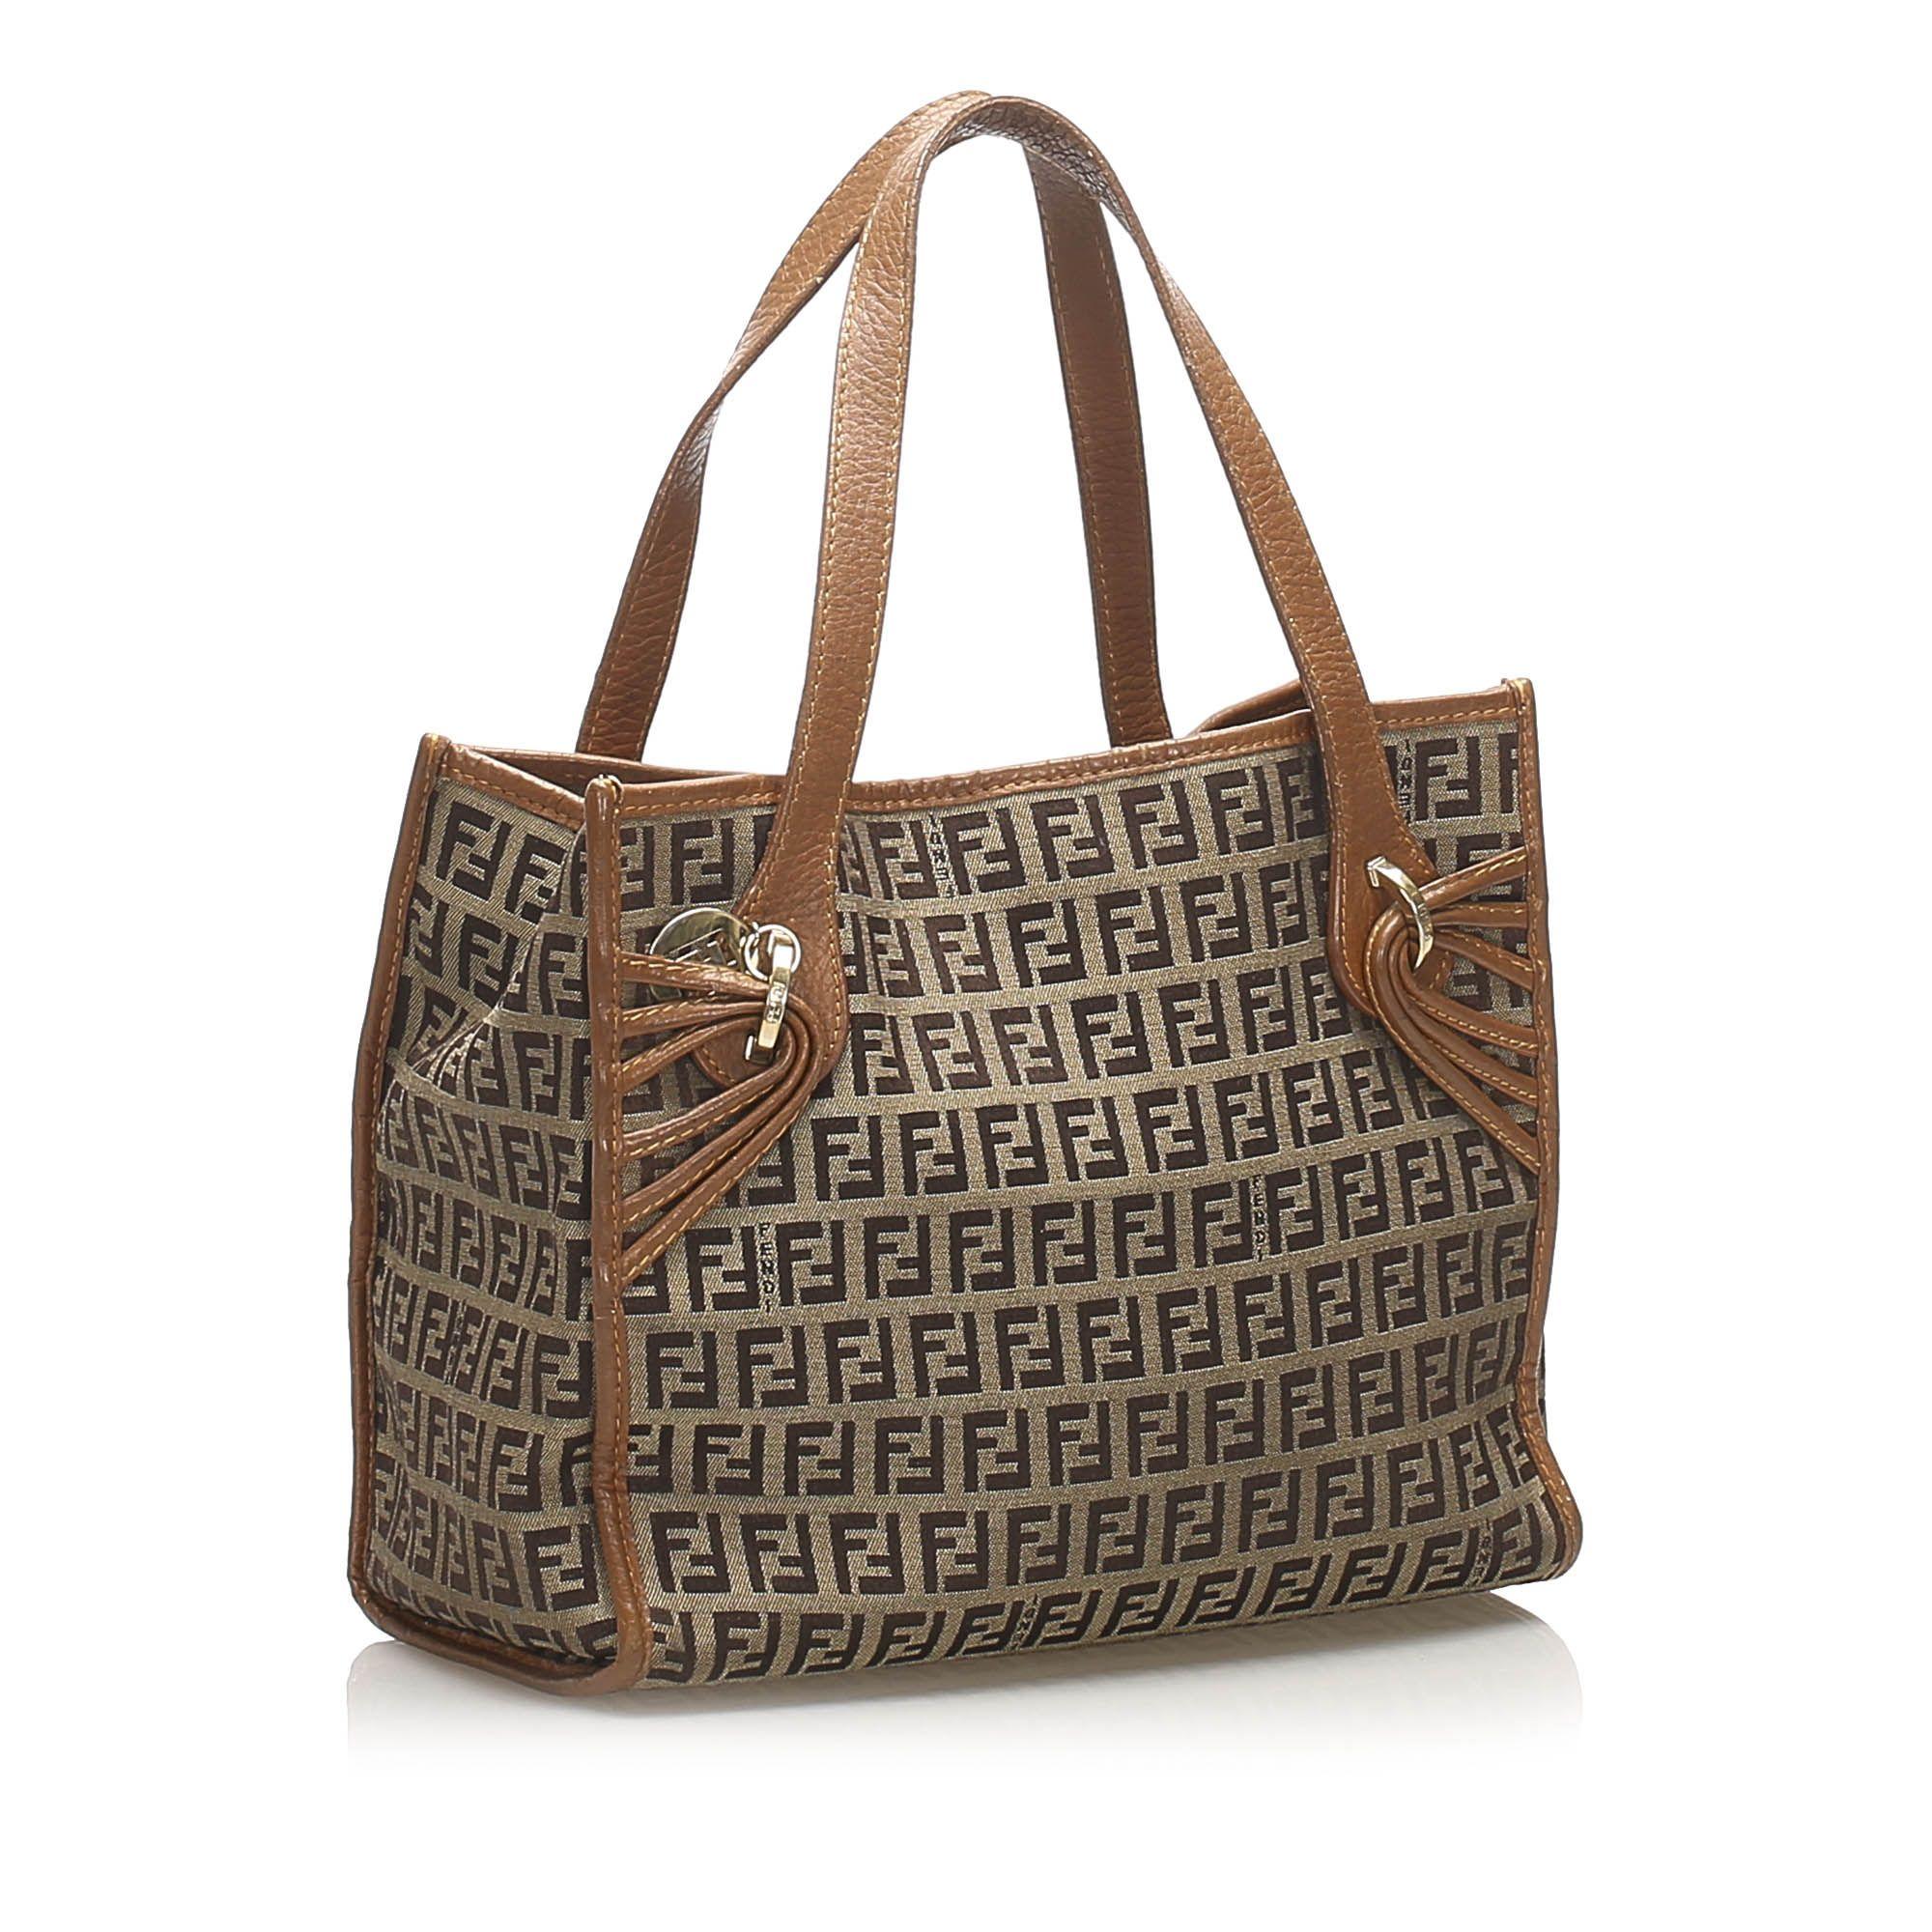 Vintage Fendi Zucchino Canvas Handbag Brown